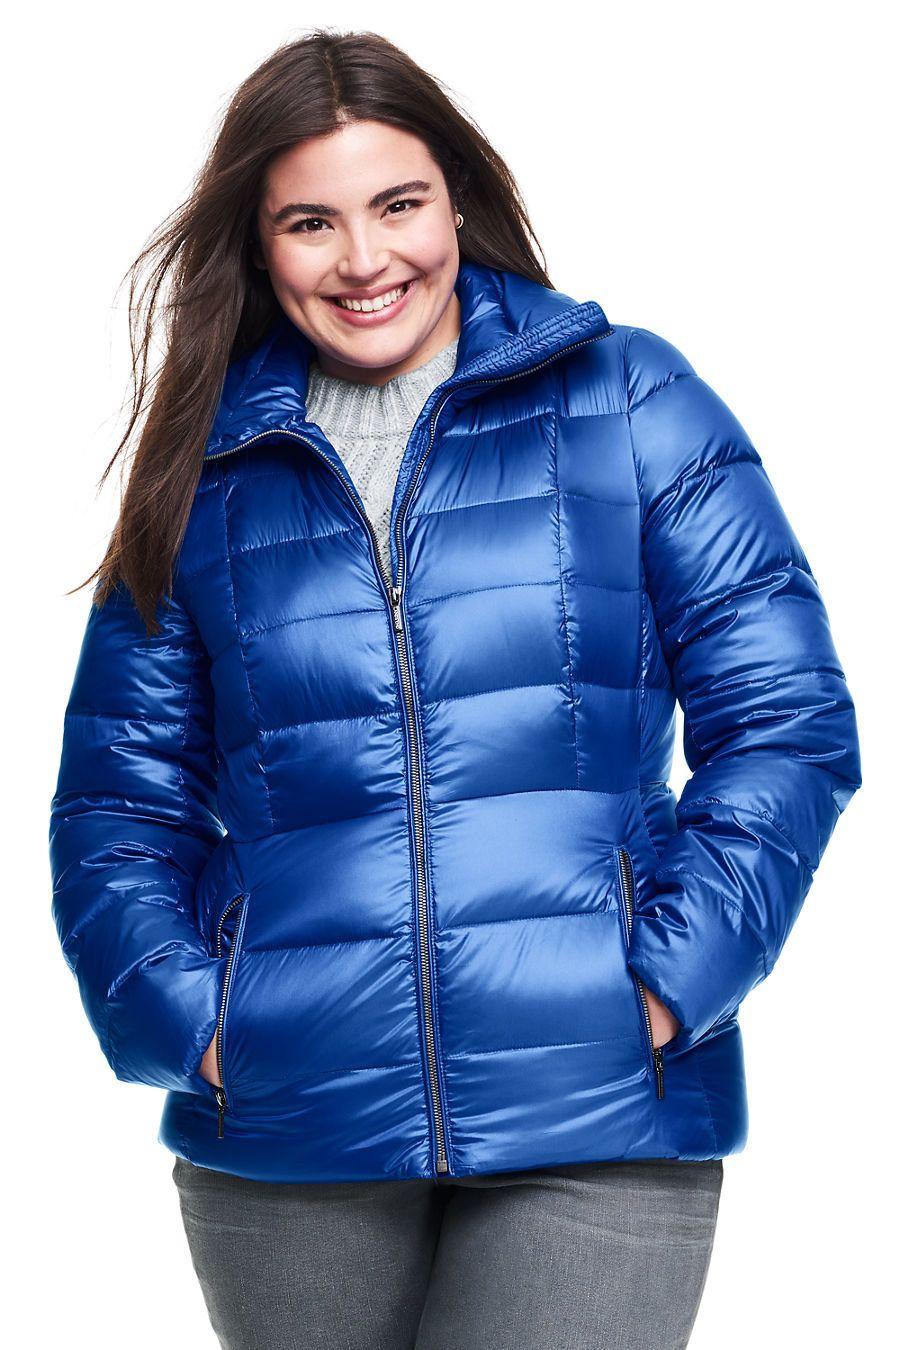 e8b31939414 13 Women s Puffer Jackets That Don t Add Bulk